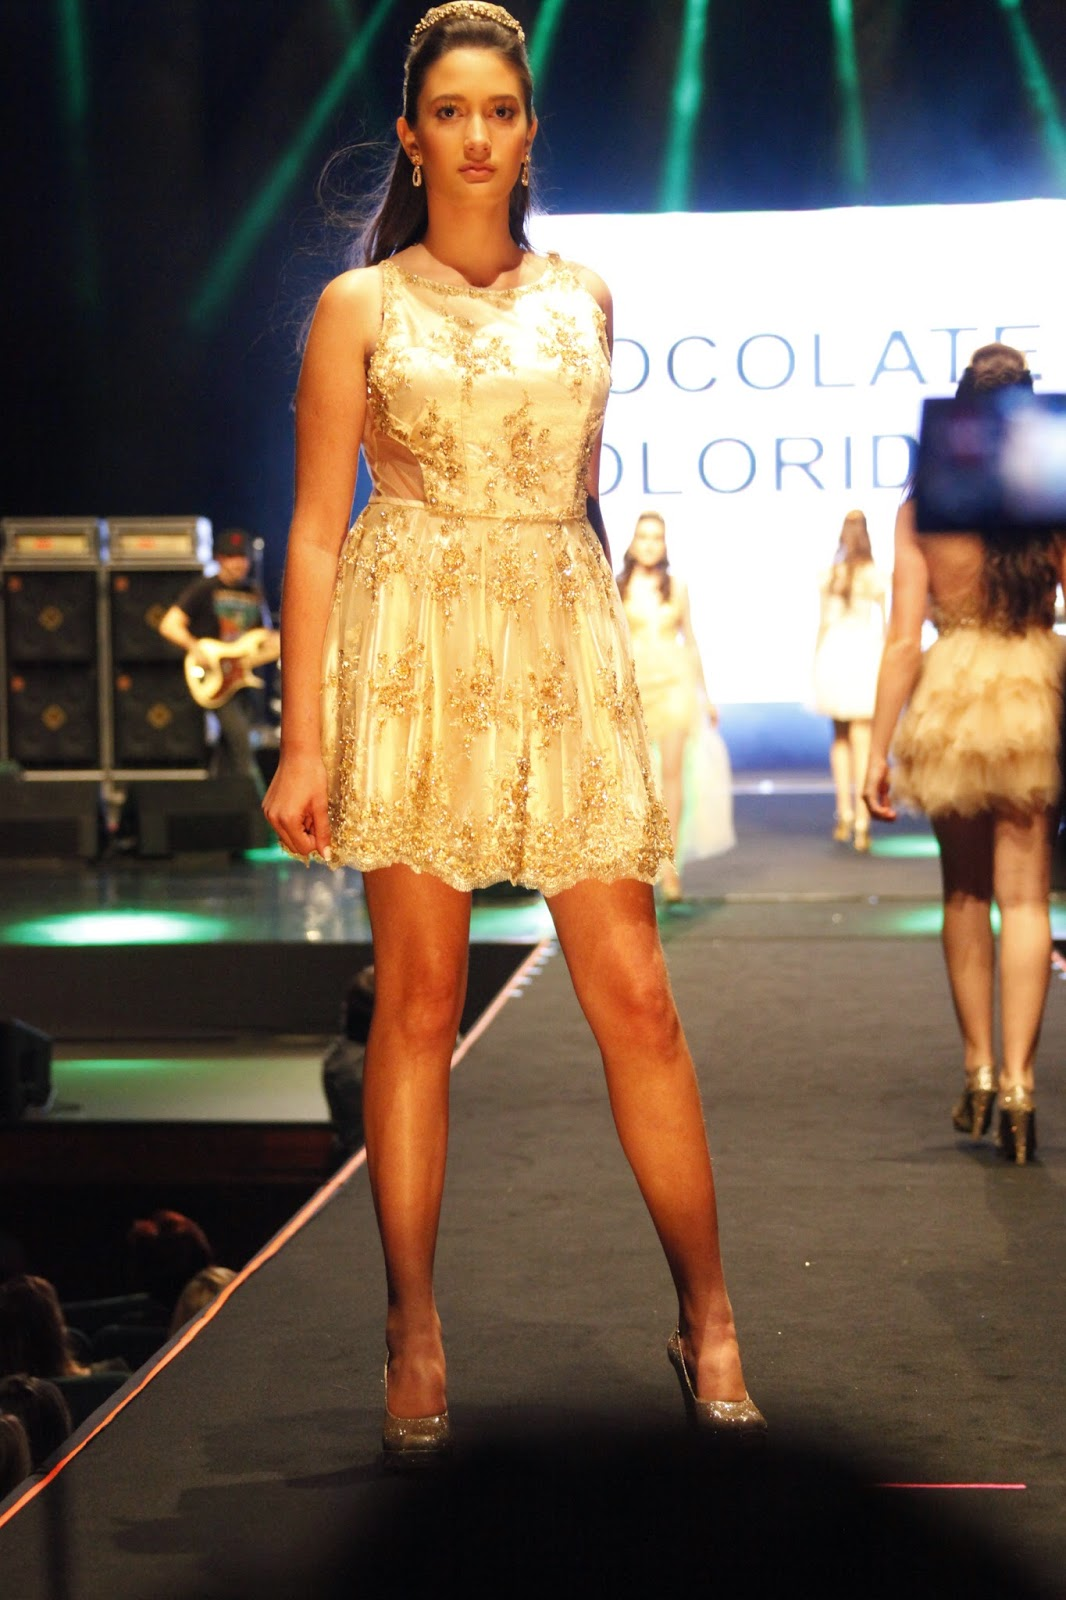 Vestidos criativos bh, vestidos diferentes bh,15 anos bh, 15 lindos anos, Choc Color, Debutantes de minas, Festa bh, formatura bh, Studio 15 bh, vestido bh, vestido debutantes bh, vestido maravilhoso bh, vestidos 15 anos bh, vestidos criativos bh, O proação fashion day,